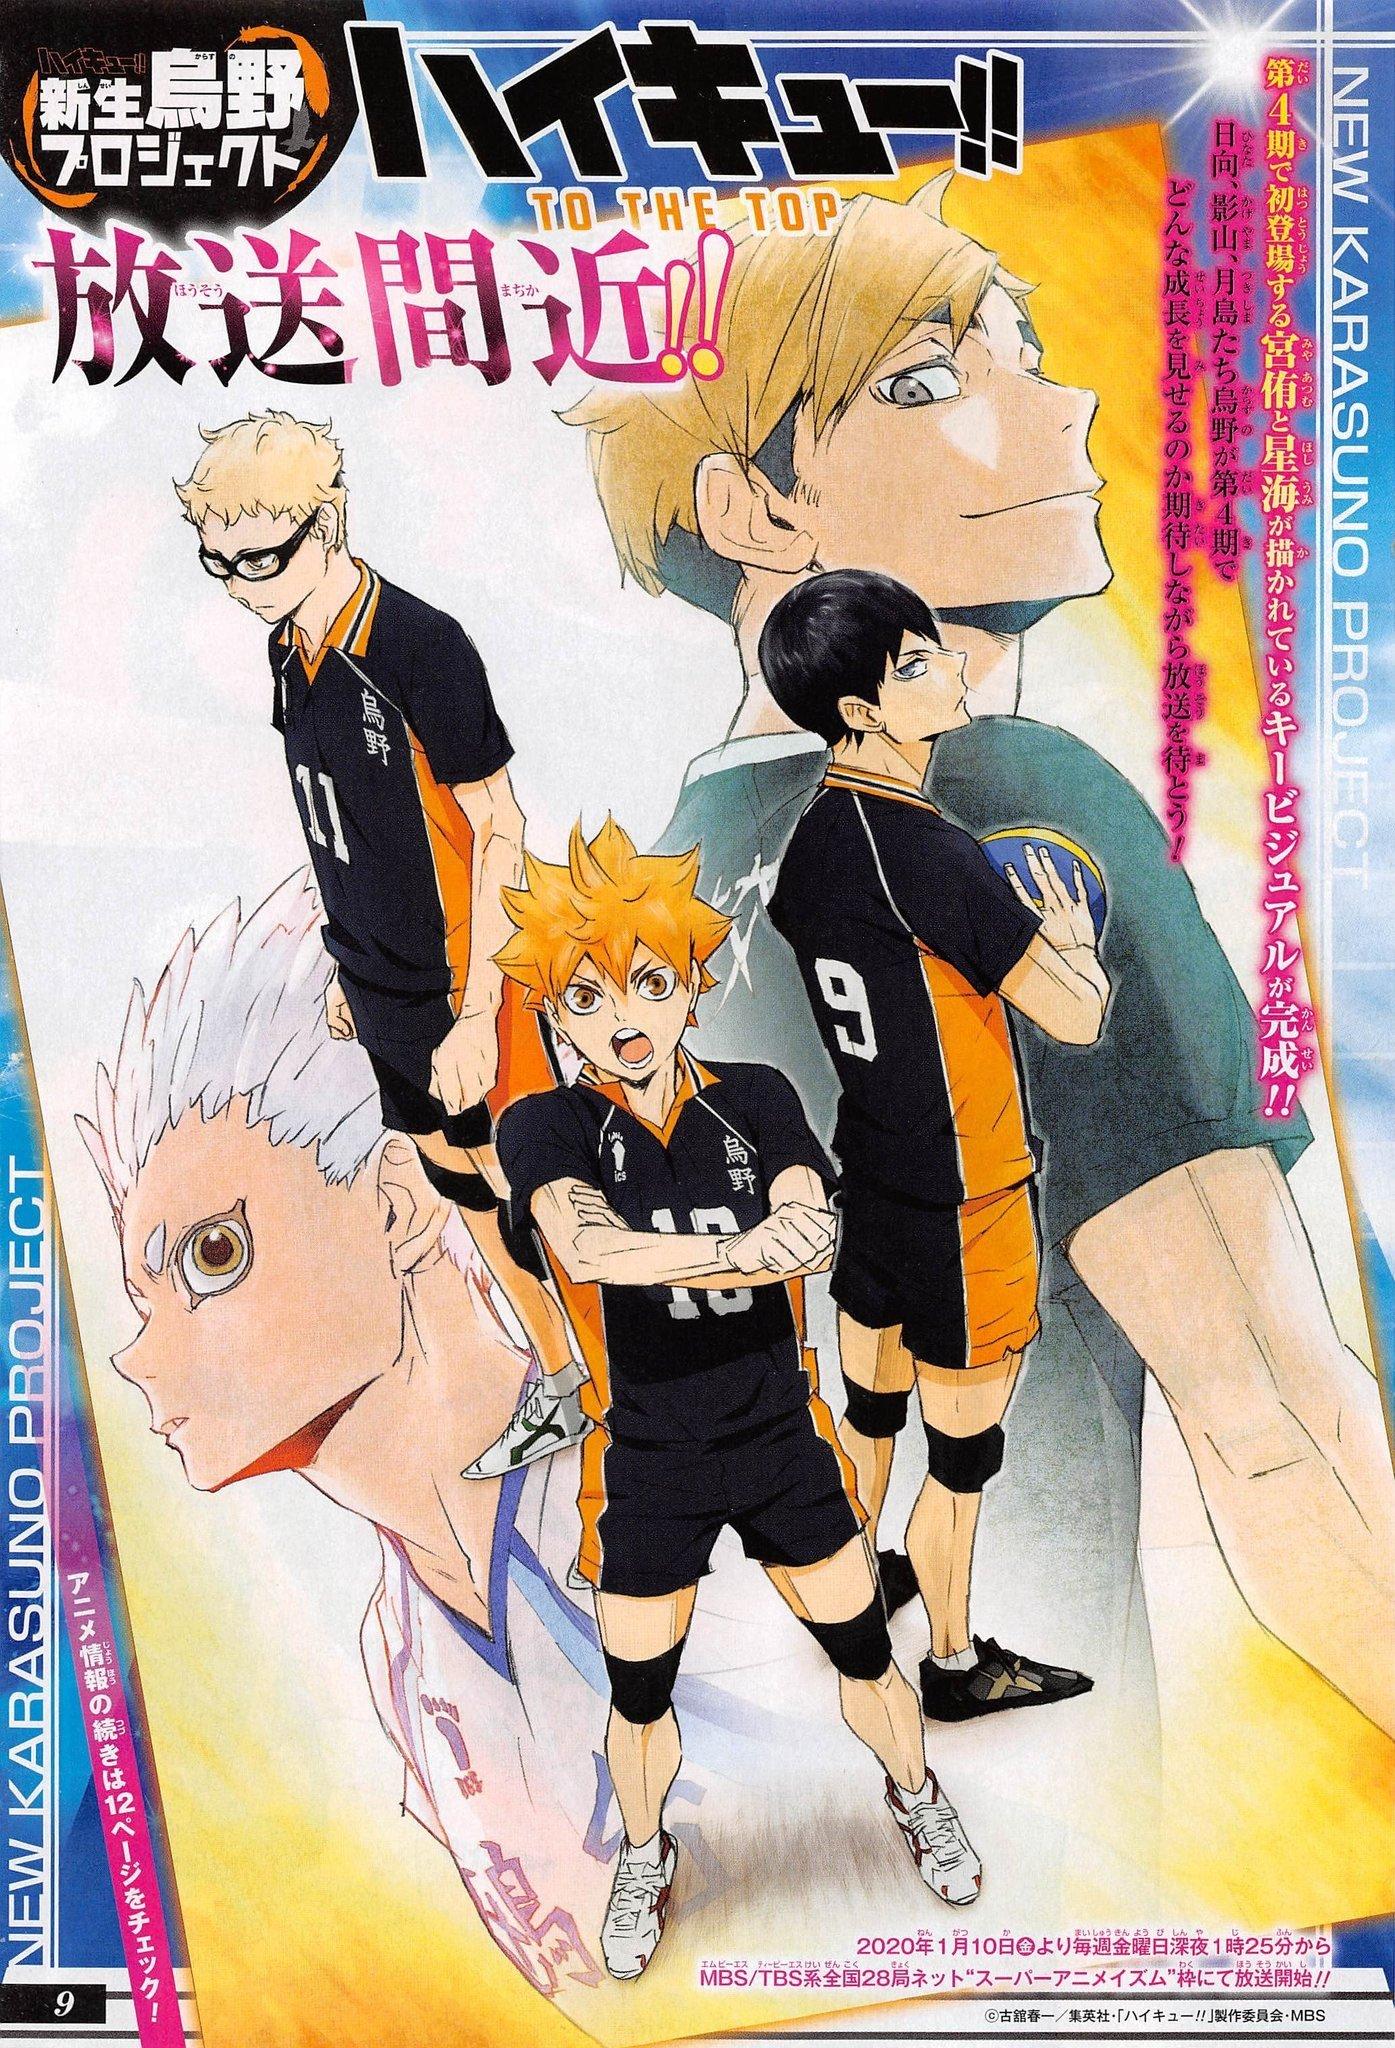 Представлен постер четвертого сезона аниме «Волейбол!! К вершине»